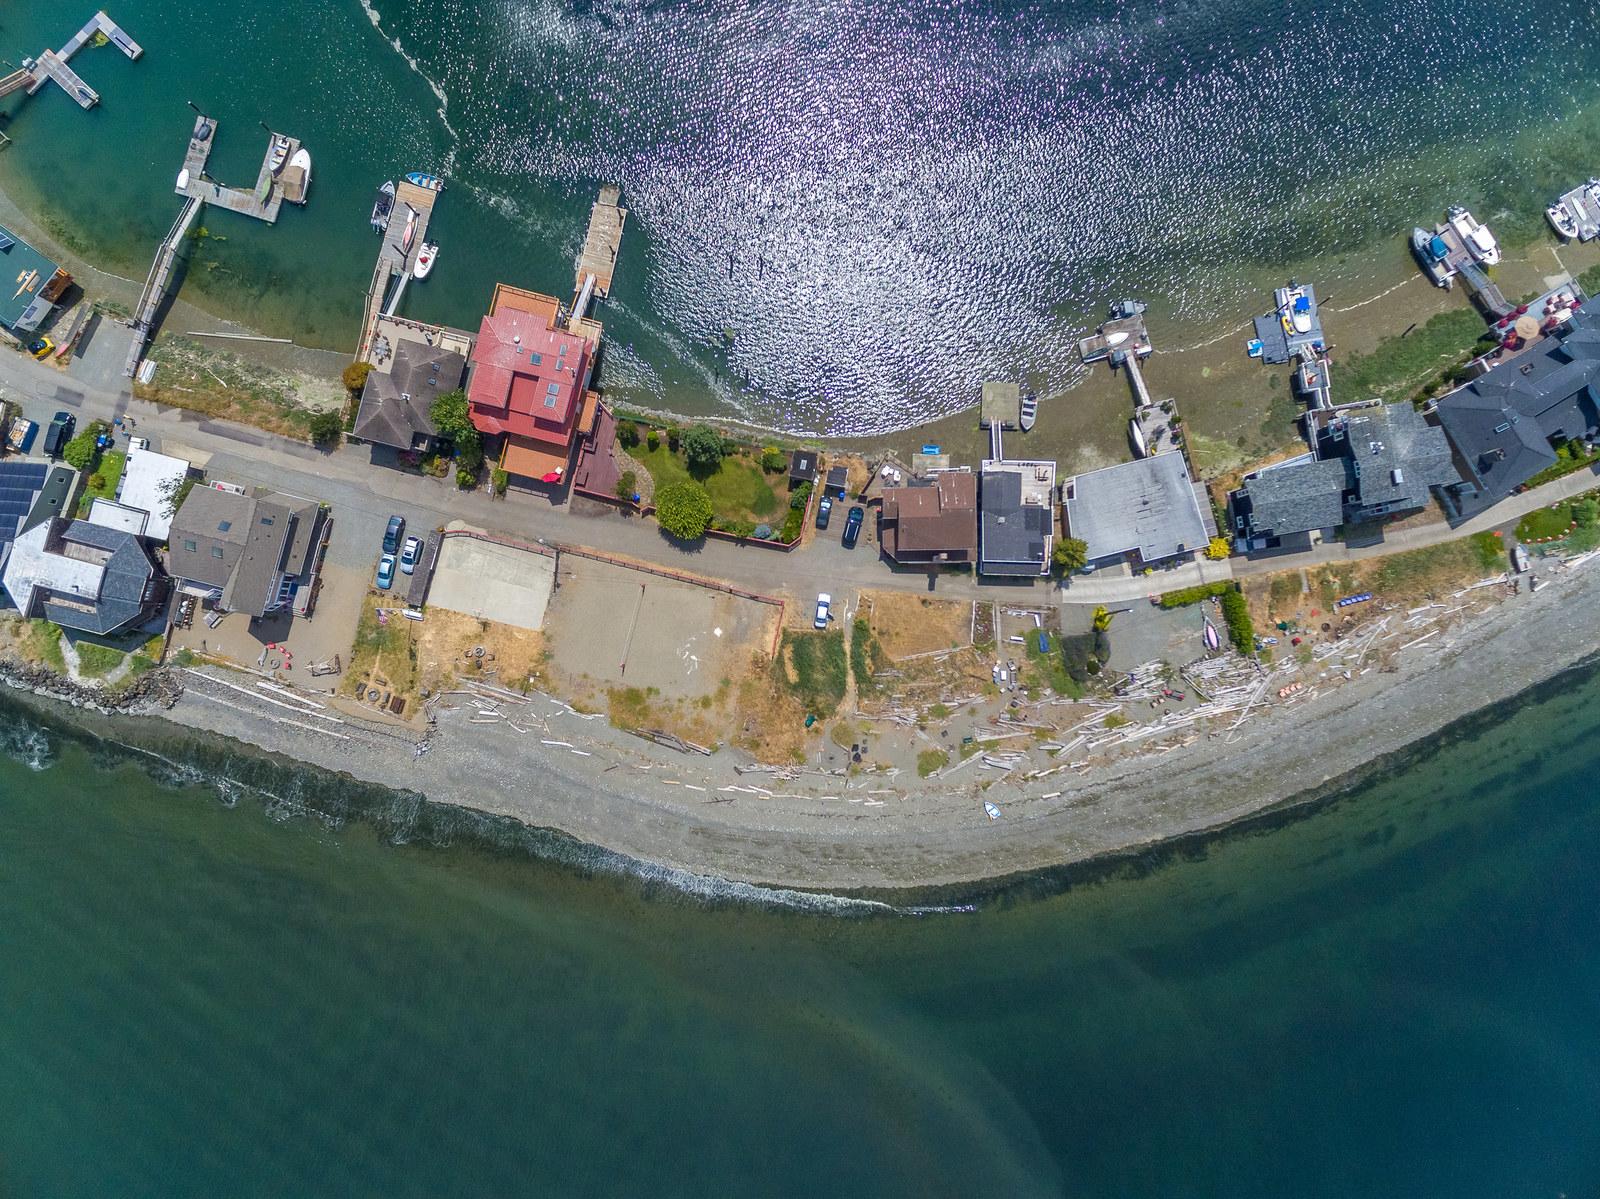 Port Madison, Bainbridge Island, Washington